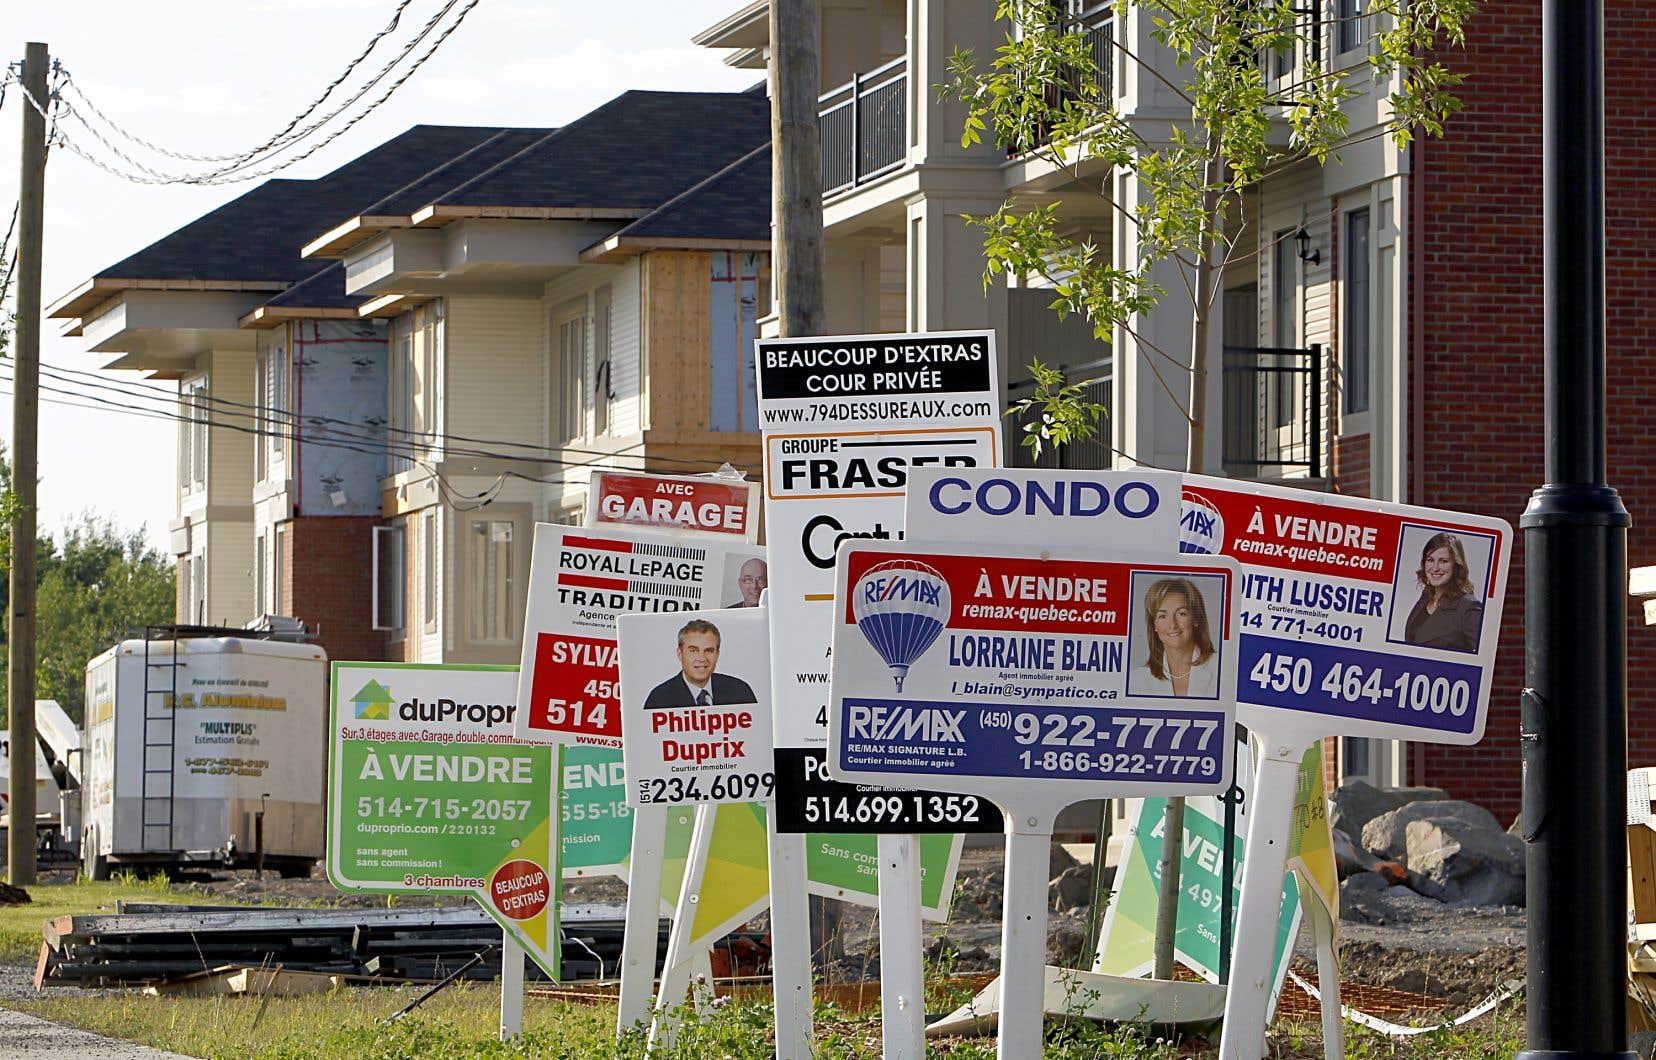 En excluant les grandes régions de Toronto et de Vancouver, le prix moyen des habitations vendues en mai était légèrement supérieur à 391100 $, en baisse de 2 %.